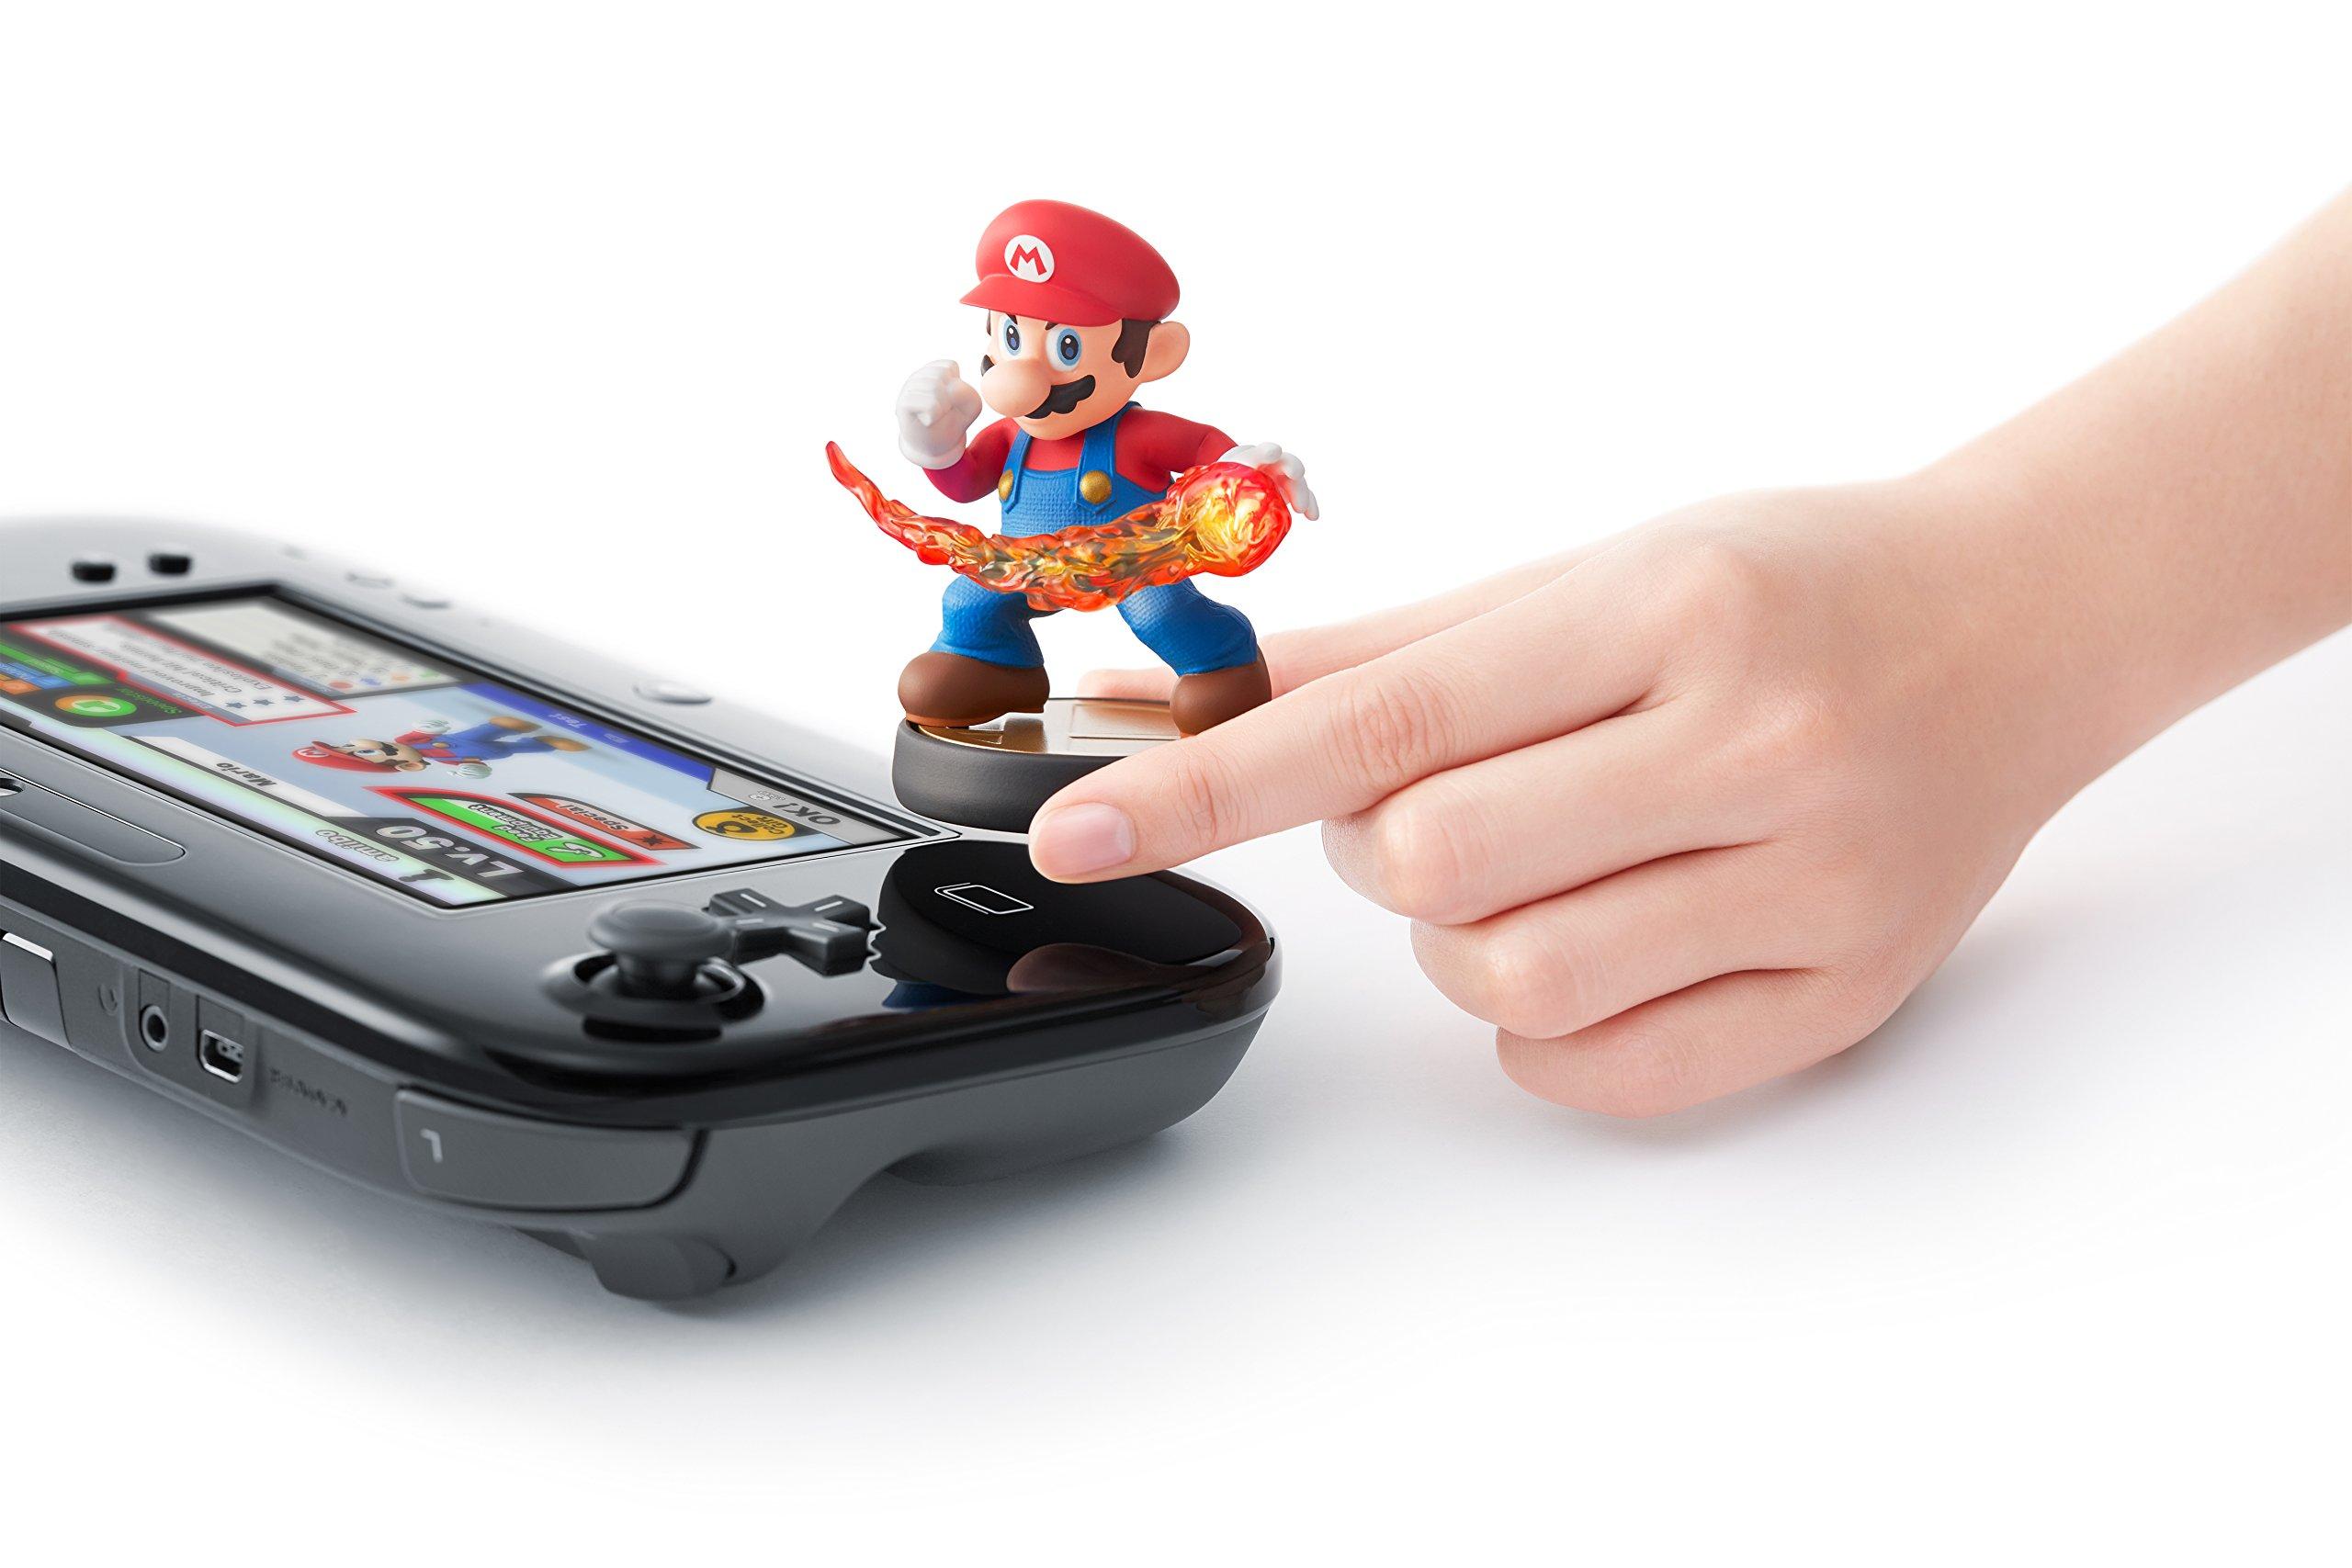 King Dedede amiibo (Super Smash Bros Series) by Nintendo (Image #5)